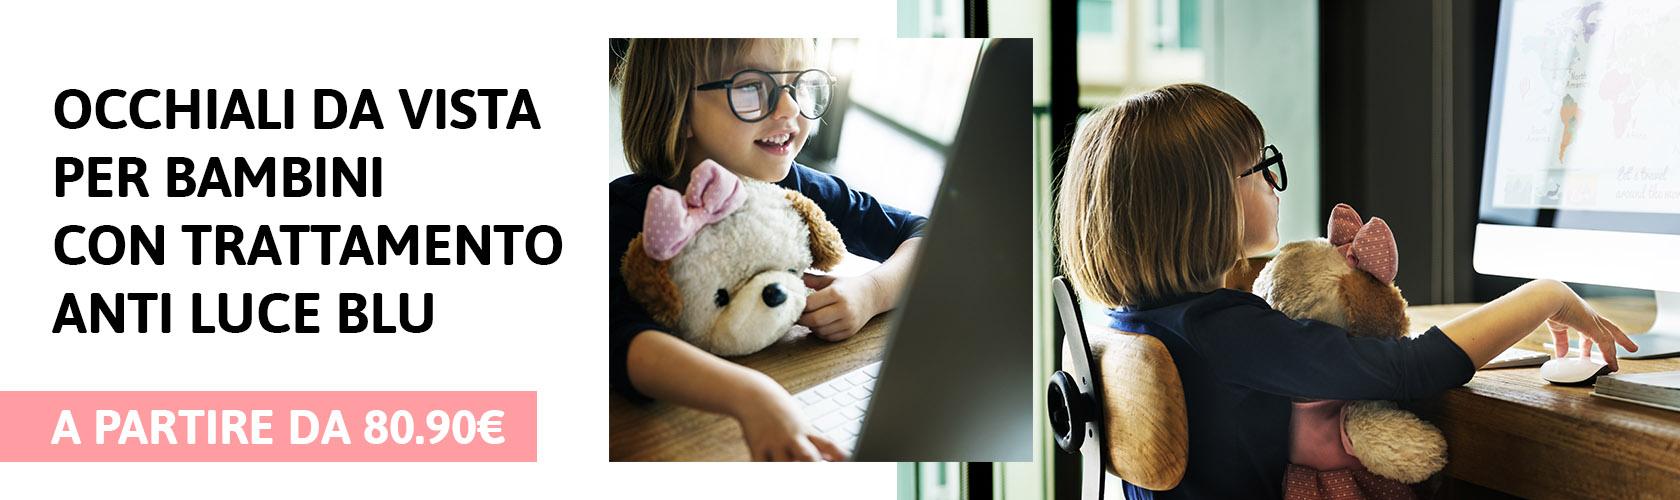 Occhiali per bambini con trattamento anti luce blu